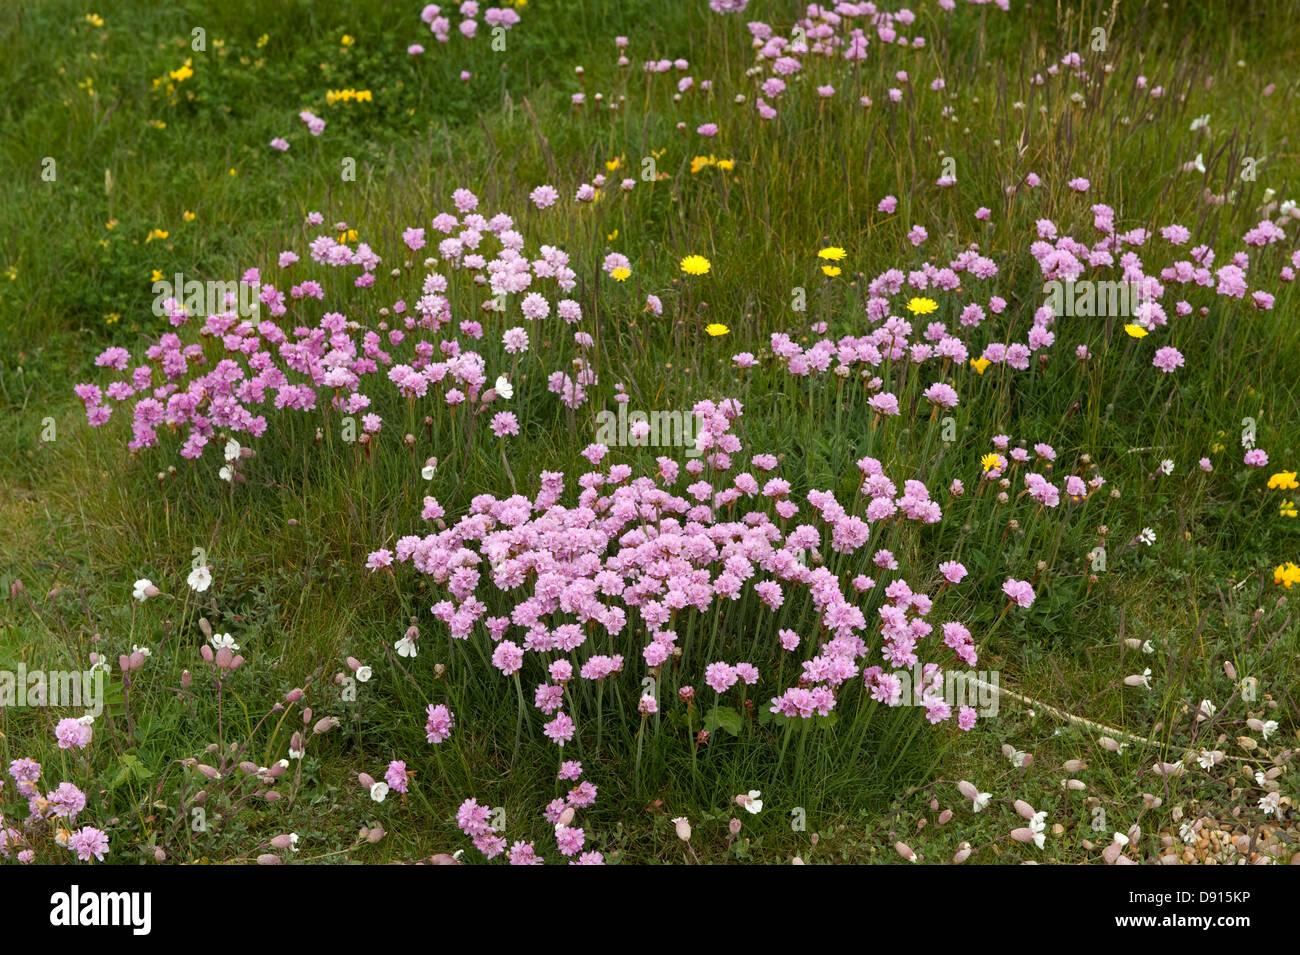 L'épargne, l'Armeria maritima, la floraison sur bardeau à Chesil Beach dans le Dorset Photo Stock